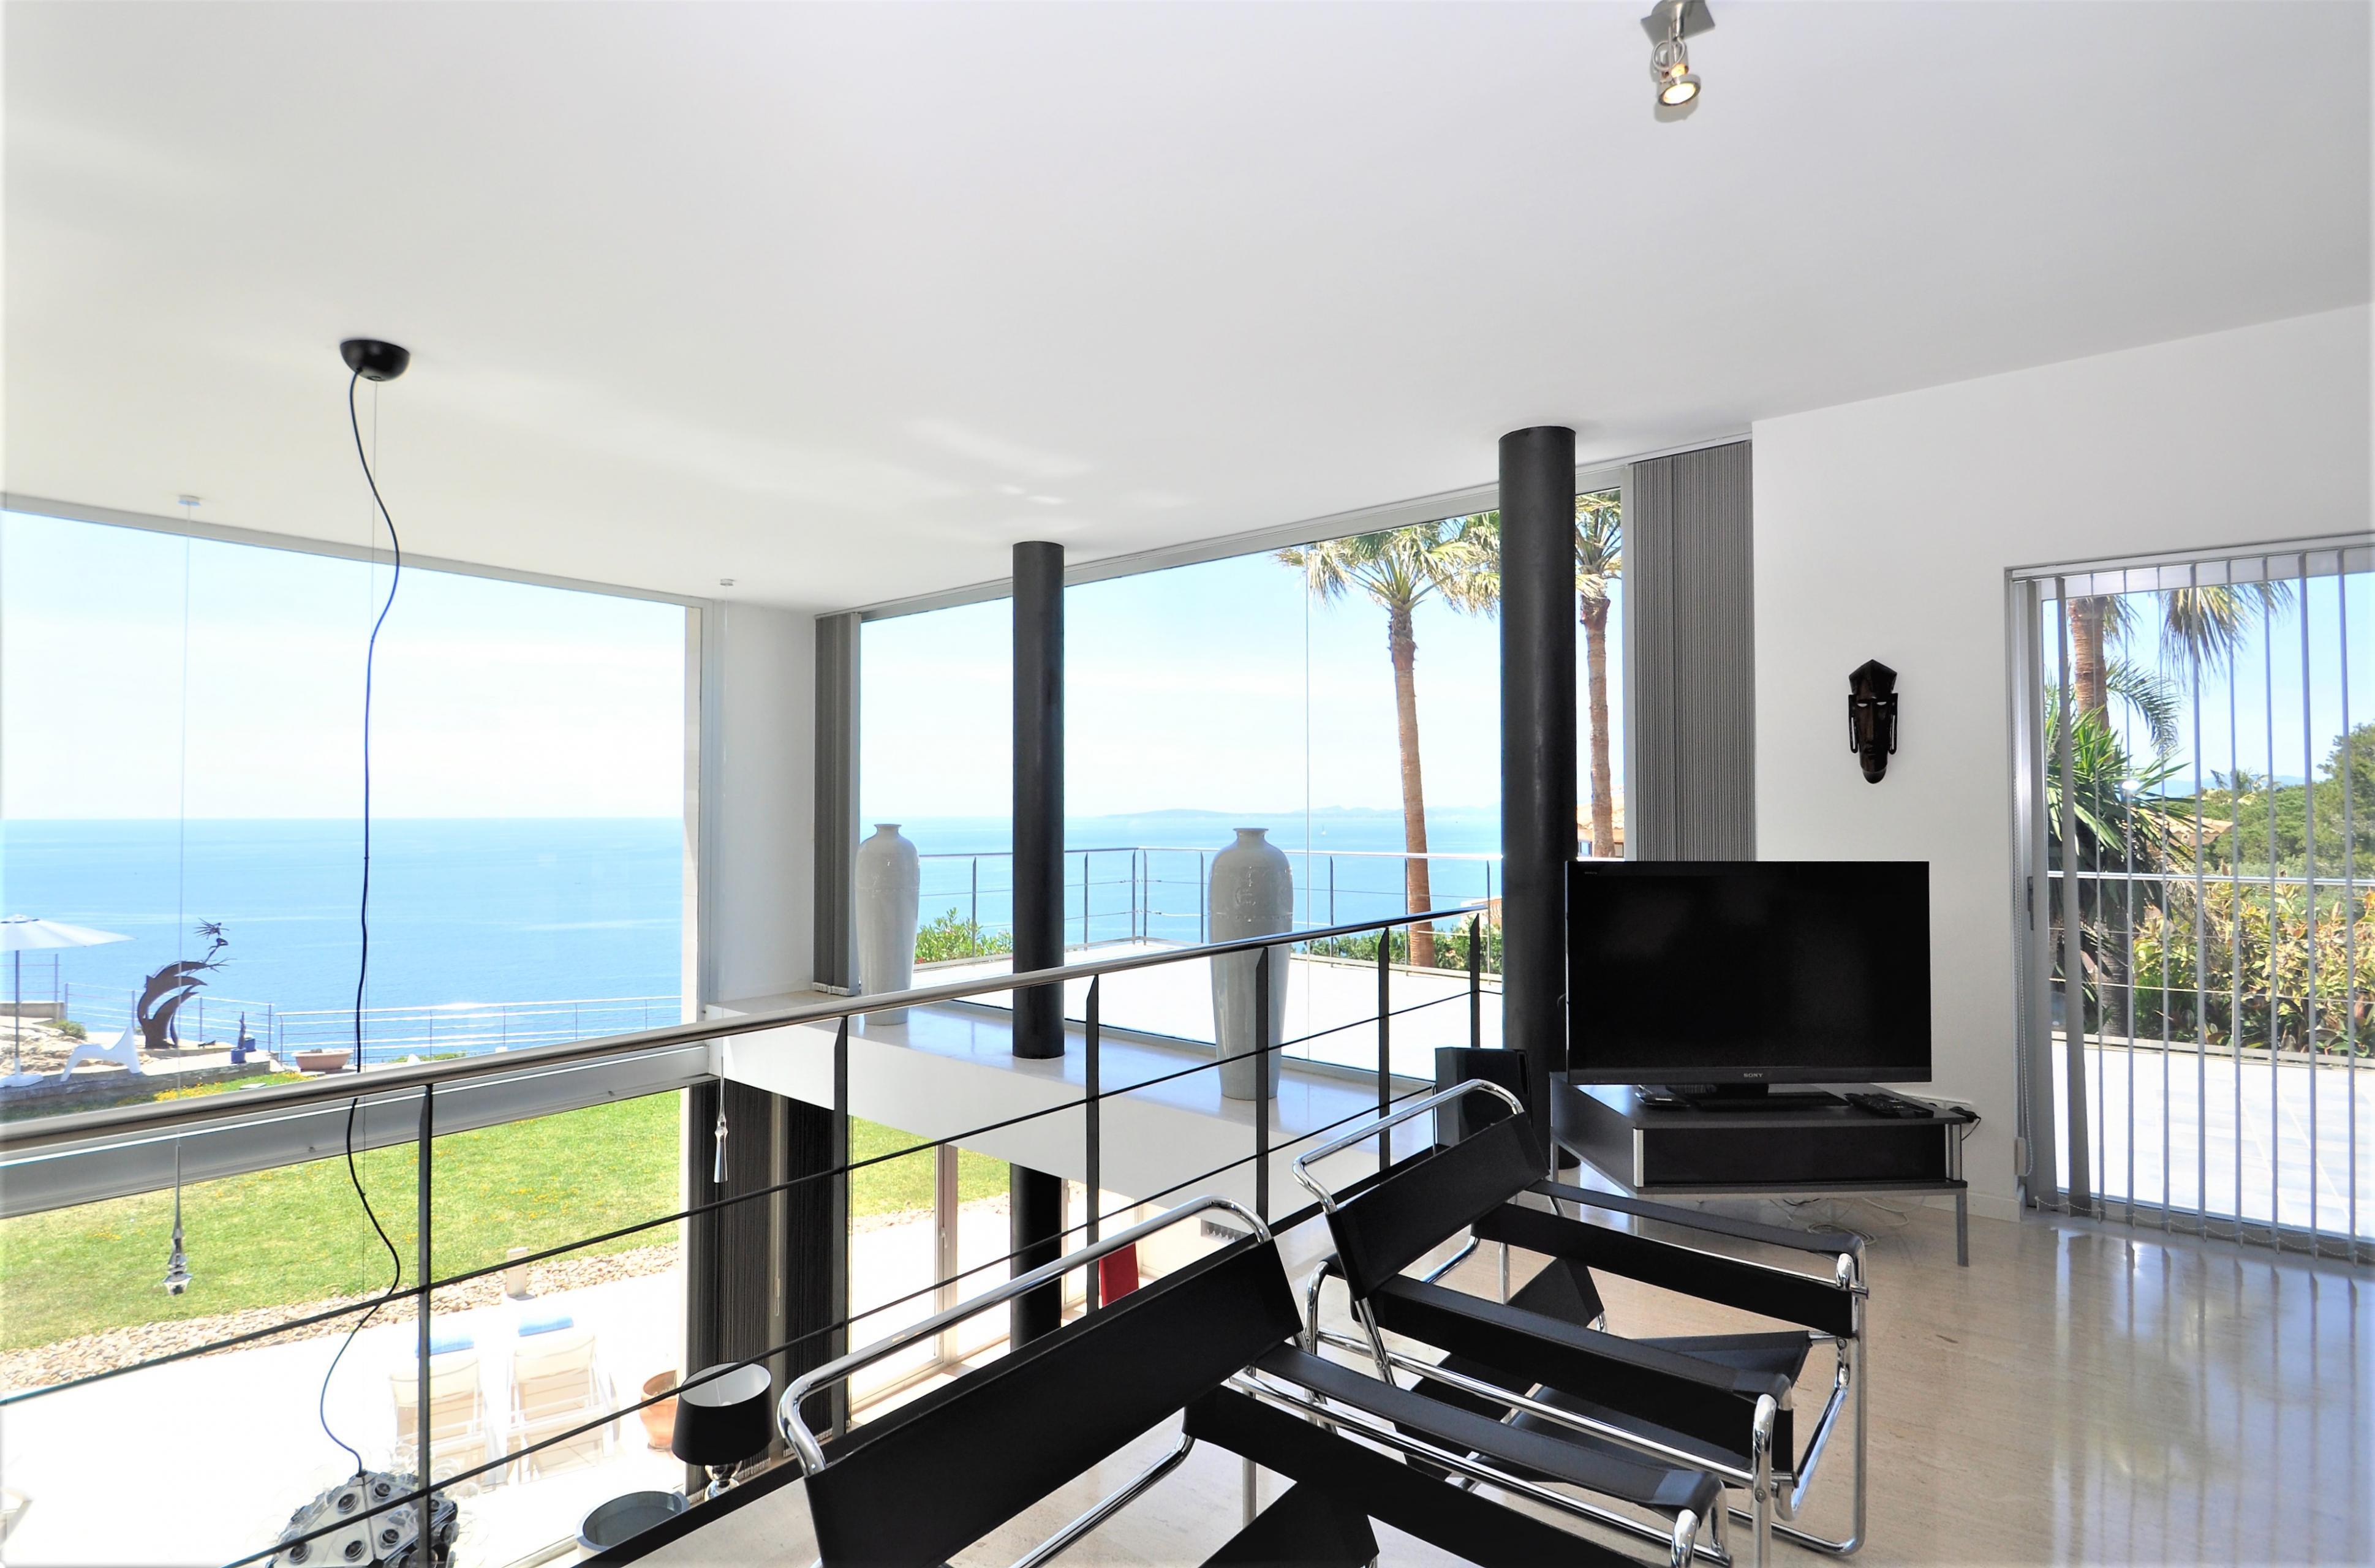 Maison de vacances VILLA BAY BLUE- Bahia Azul- Mallorca - VILLAONLINE - Kostenloses WLAN (2684052), Bahia Azul, Majorque, Iles Baléares, Espagne, image 39